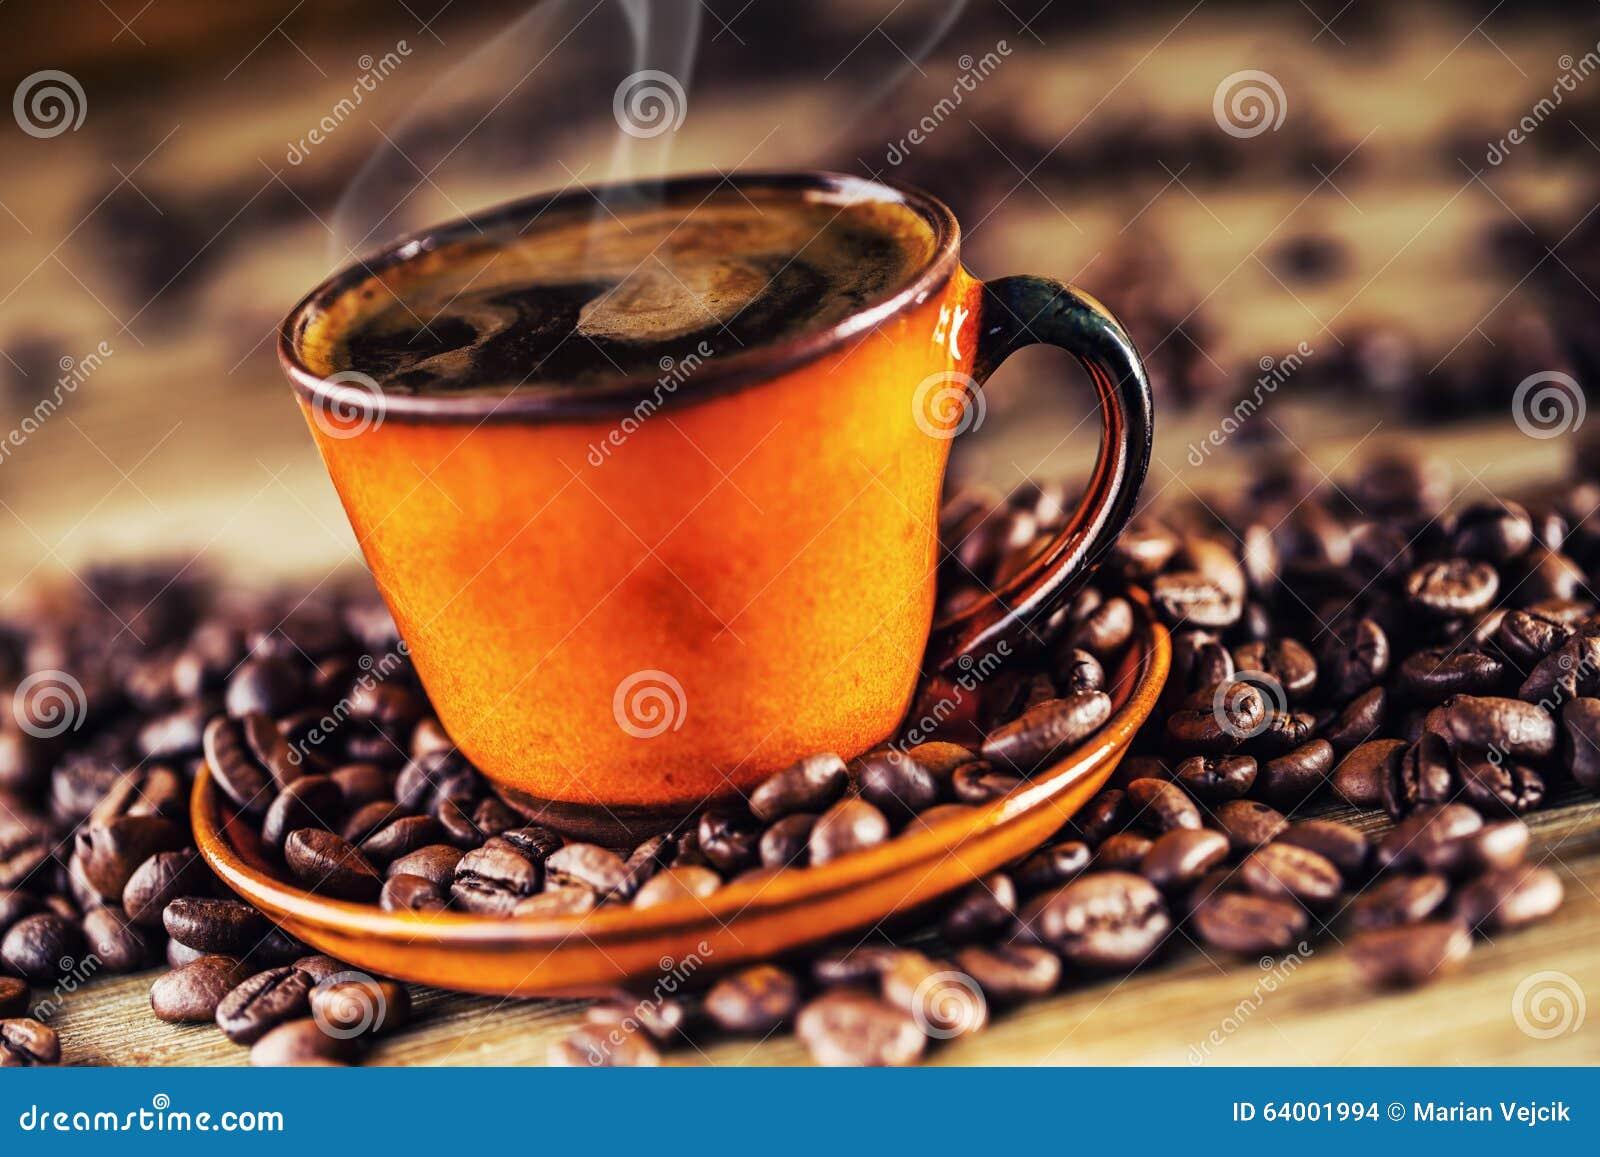 Kop zwarte koffie en gemorste koffiebonen Zoete croissant en een kop van koffie op de achtergrond